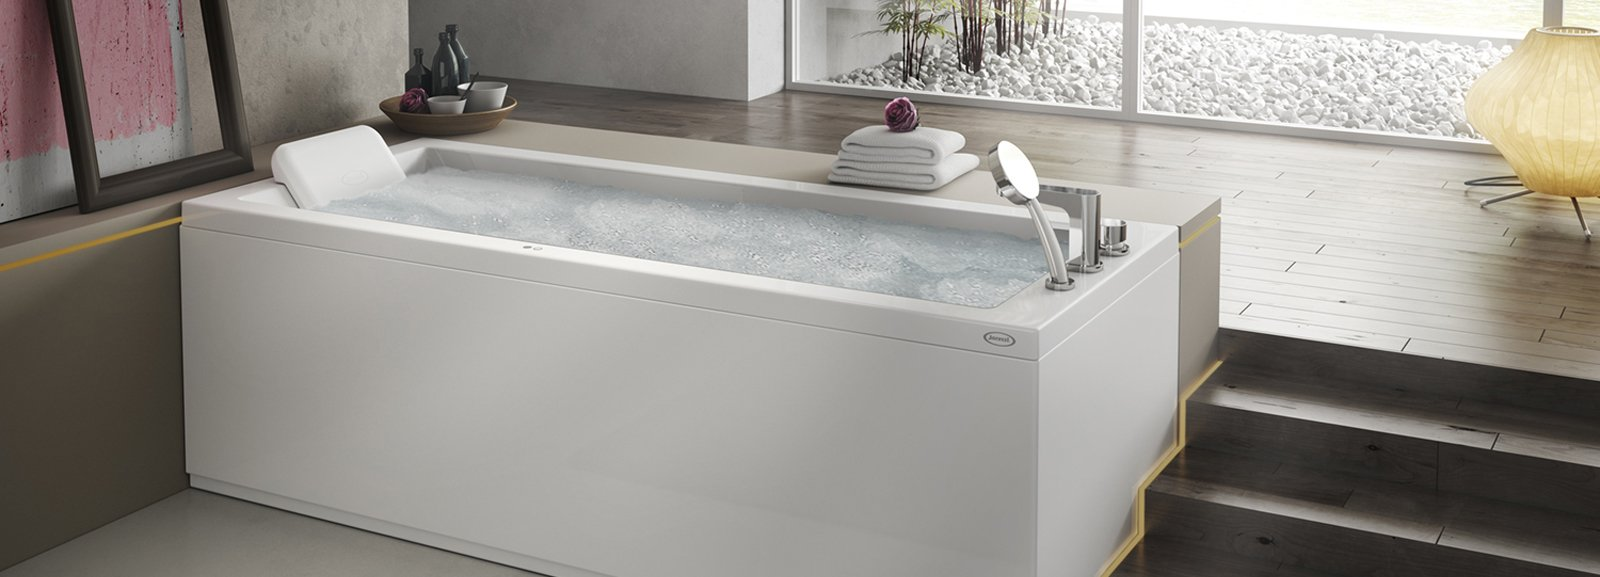 Vasche da bagno low cost a partire da 182 euro cose di casa for Lavatrice low cost